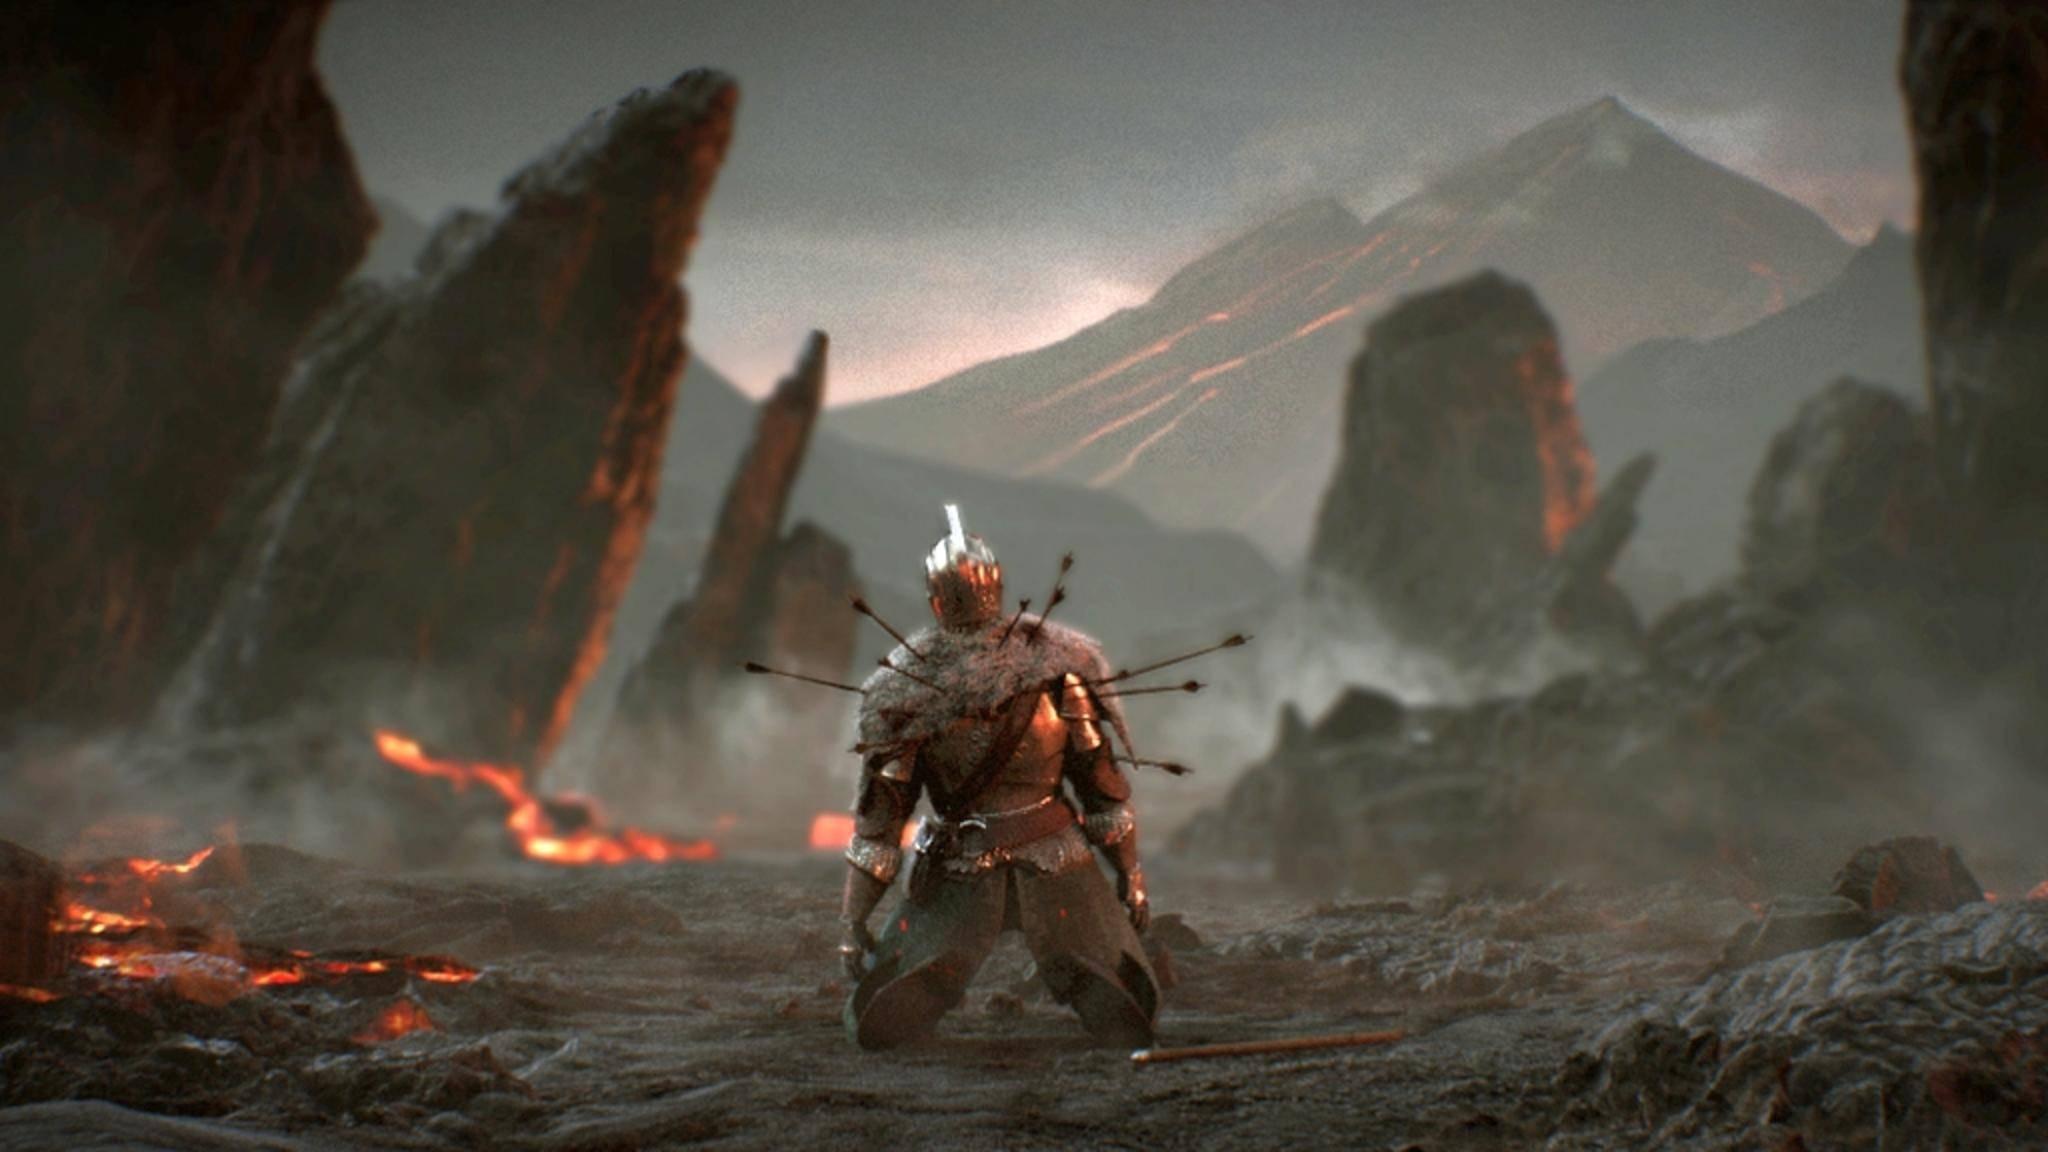 """Es gibt noch einige deutlich schwerere Spiele als """"Dark Souls 3"""" ..."""